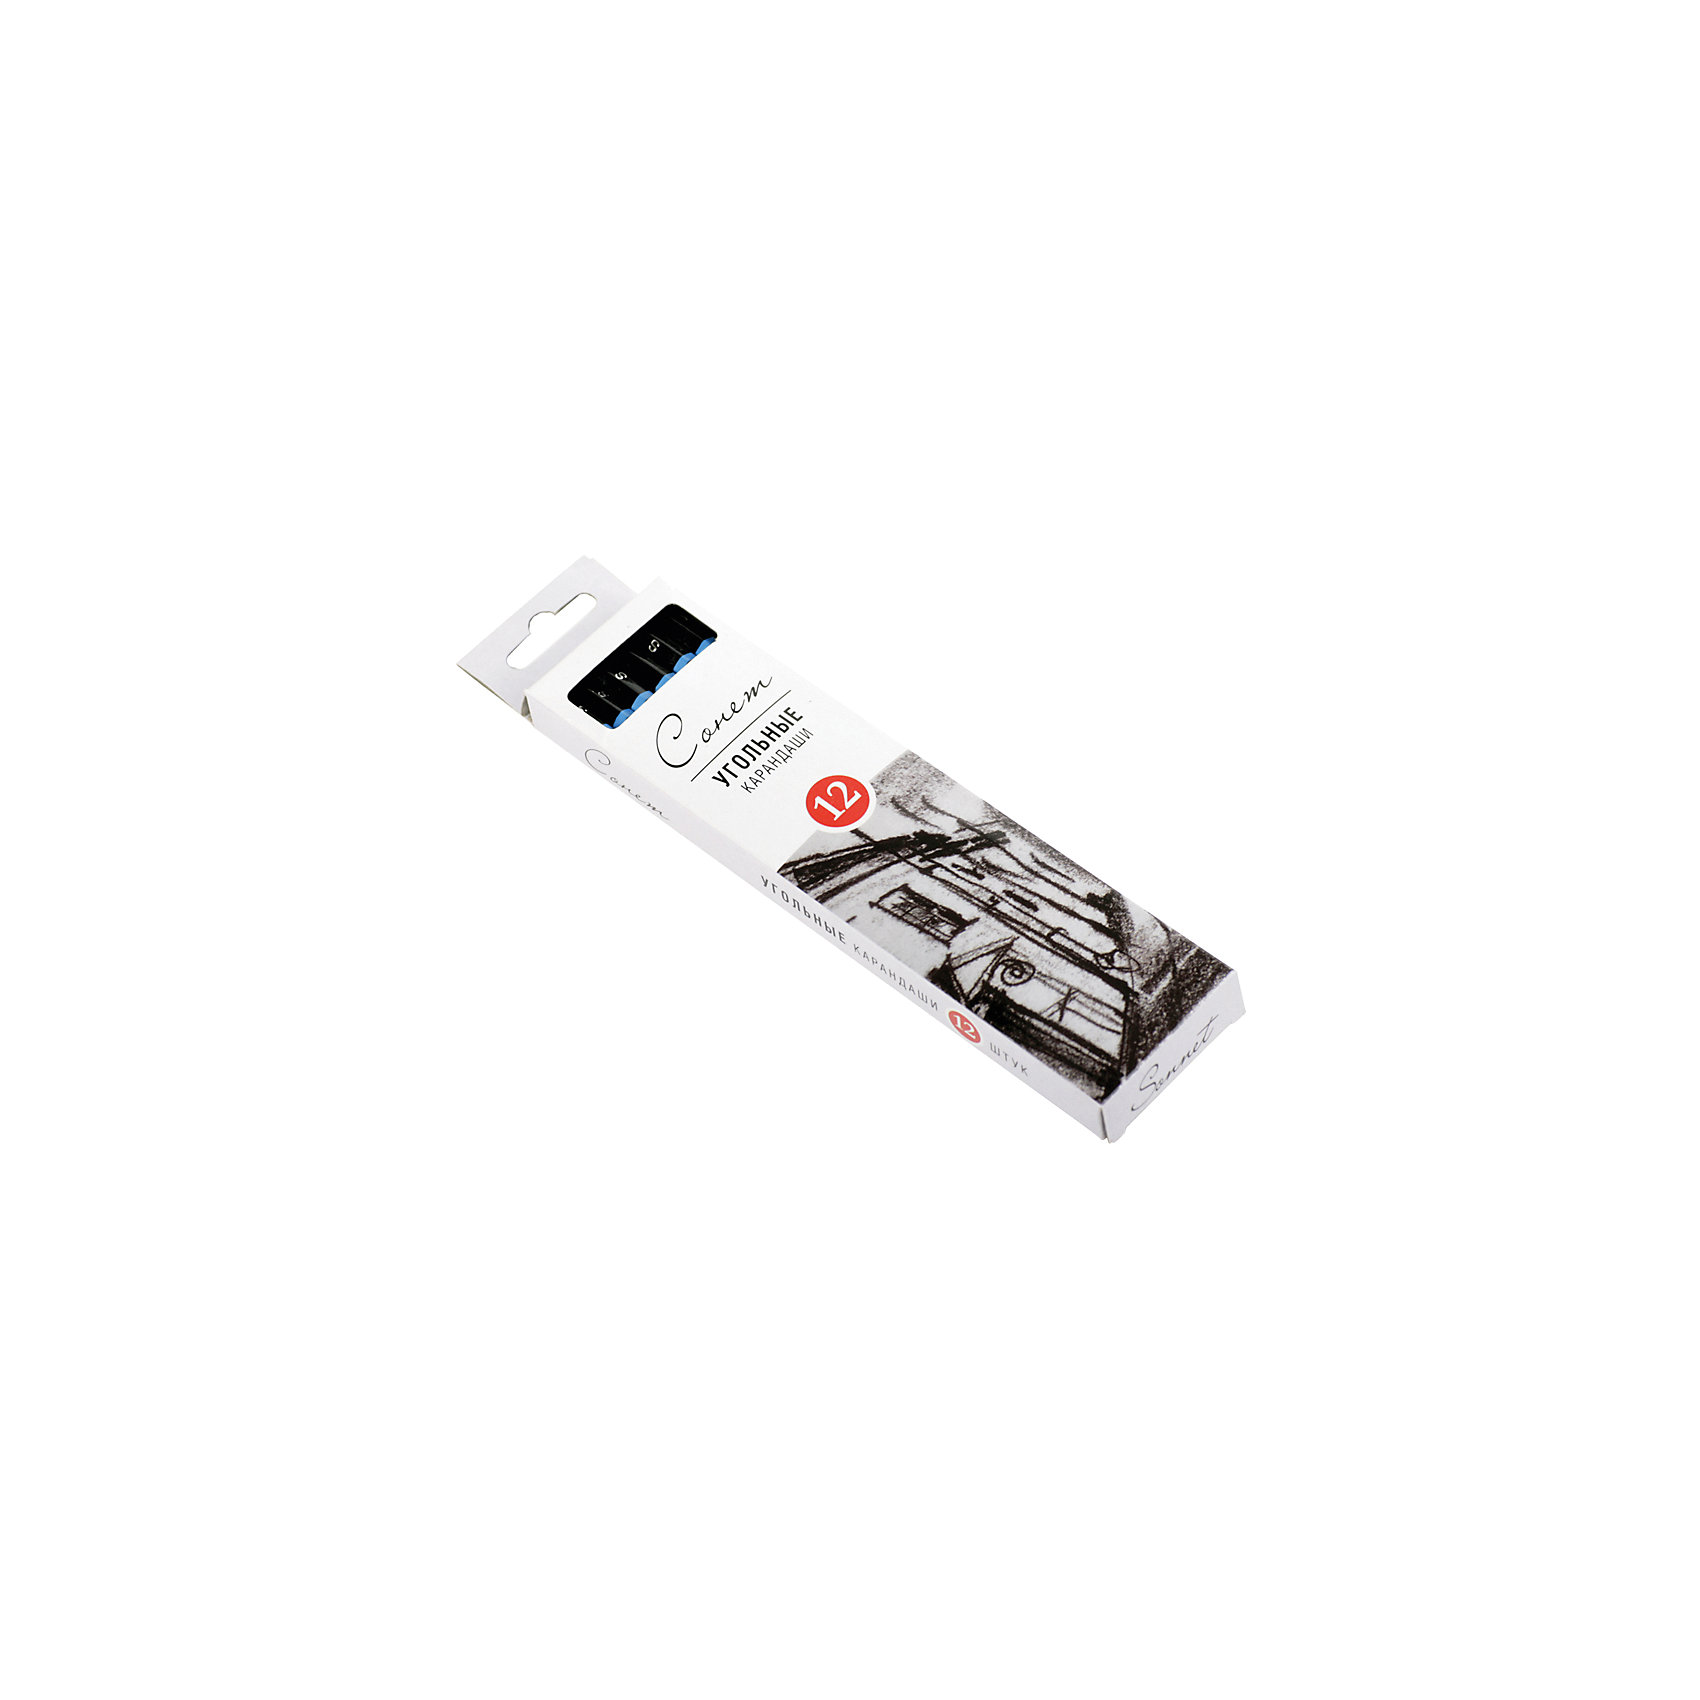 Угольные карандаши мягкие 12 шт СонетПастель Уголь<br>Тип: угольные карандаши<br>Количество в упаковке: 12<br>Форма сечения: круглая<br>Размер сечения: 6/7<br>Заточено: нет<br>Длина: 170 <br>Упаковка ед. товара: картонная коробка<br>Угольные карандаши «СОНЕТ» предназначены для создания рисунков, набросков, эскизов и т.п. Удобны для проработки контуров и мелких деталей. Стержень изготовлен из натурального прессованного древесного угля, который легко ложится на бумагу, картон, крафт. В ассортименте представлены три степени твердости: твердый, средний и мягкий.<br><br>Ширина мм: 180<br>Глубина мм: 45<br>Высота мм: 15<br>Вес г: 88<br>Возраст от месяцев: 84<br>Возраст до месяцев: 2147483647<br>Пол: Унисекс<br>Возраст: Детский<br>SKU: 7044171